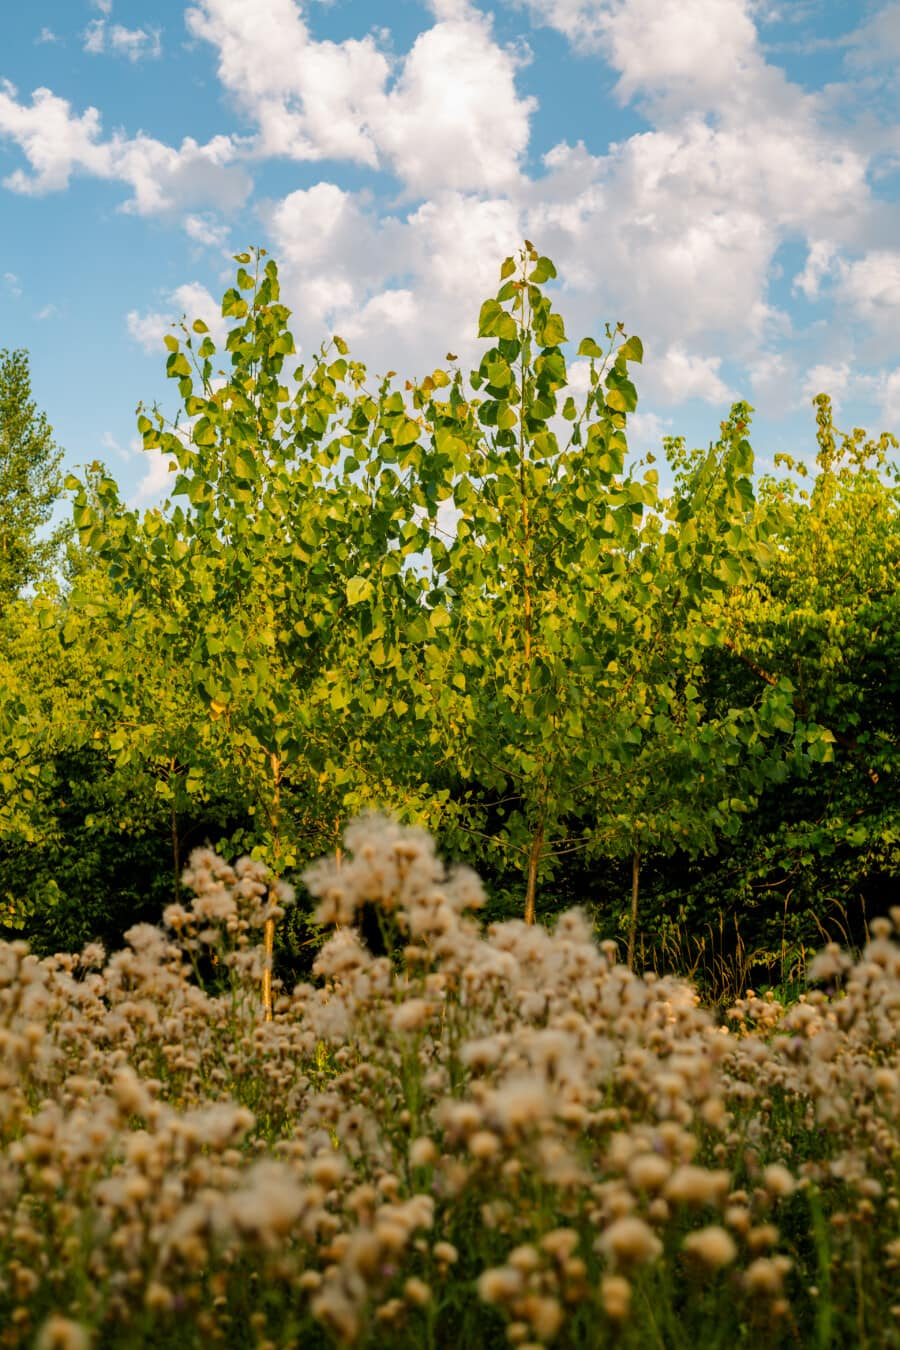 nyár, erdő, füves, vadvirág, vidéki, fa, növény, természet, nyári, virág